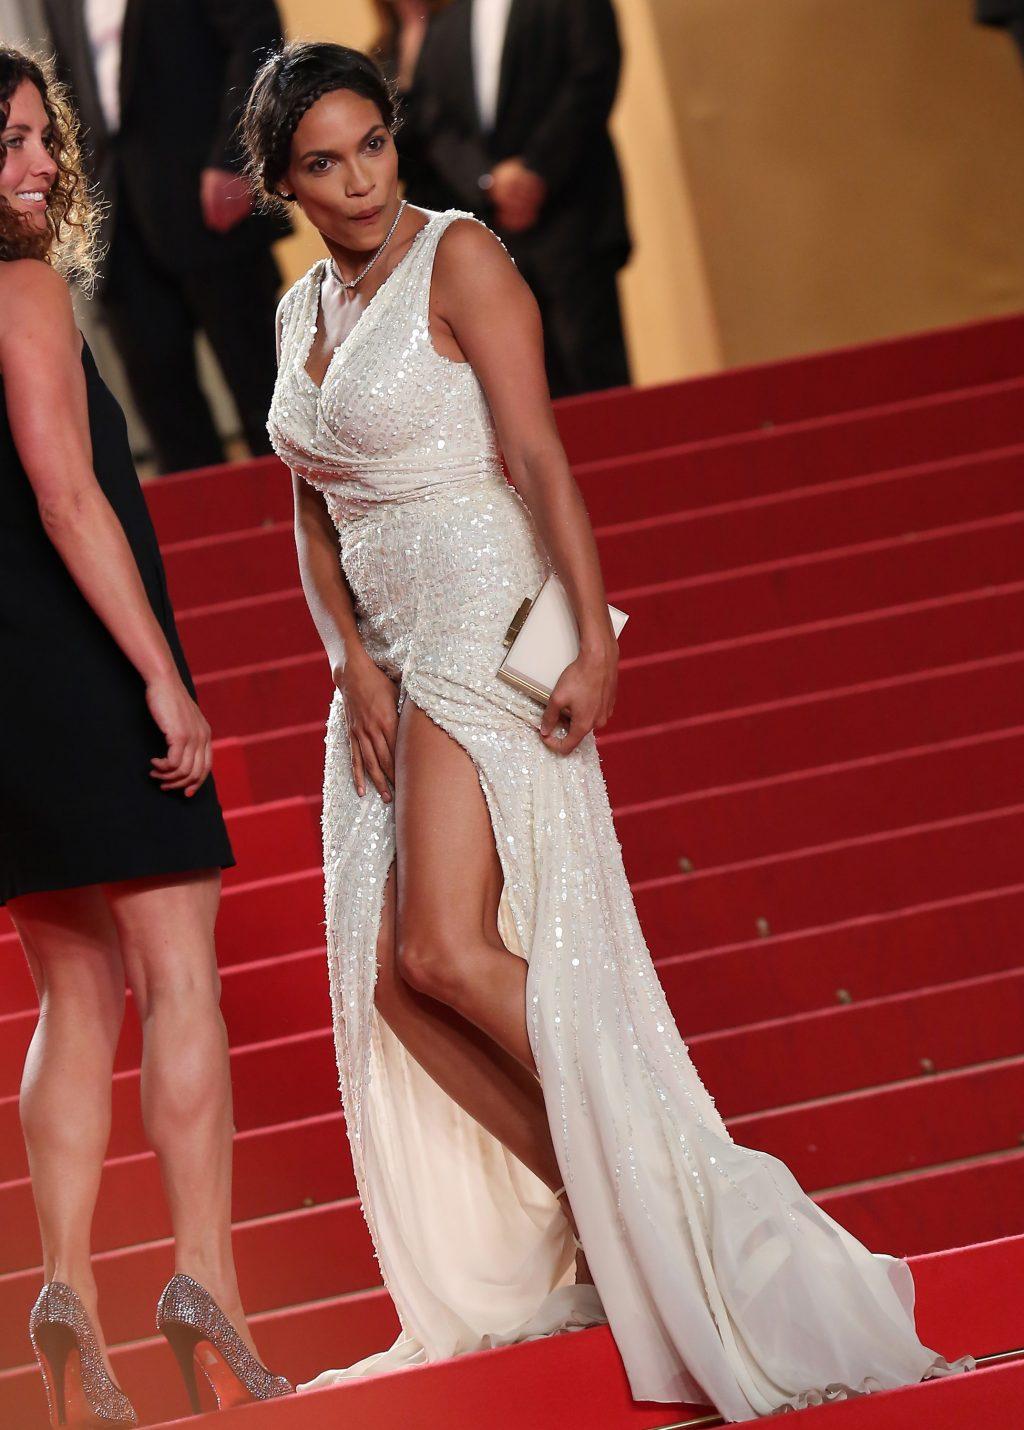 sự cố trang phục đáng tiếc trên thảm đỏ Liên hoan phim Cannes - 05